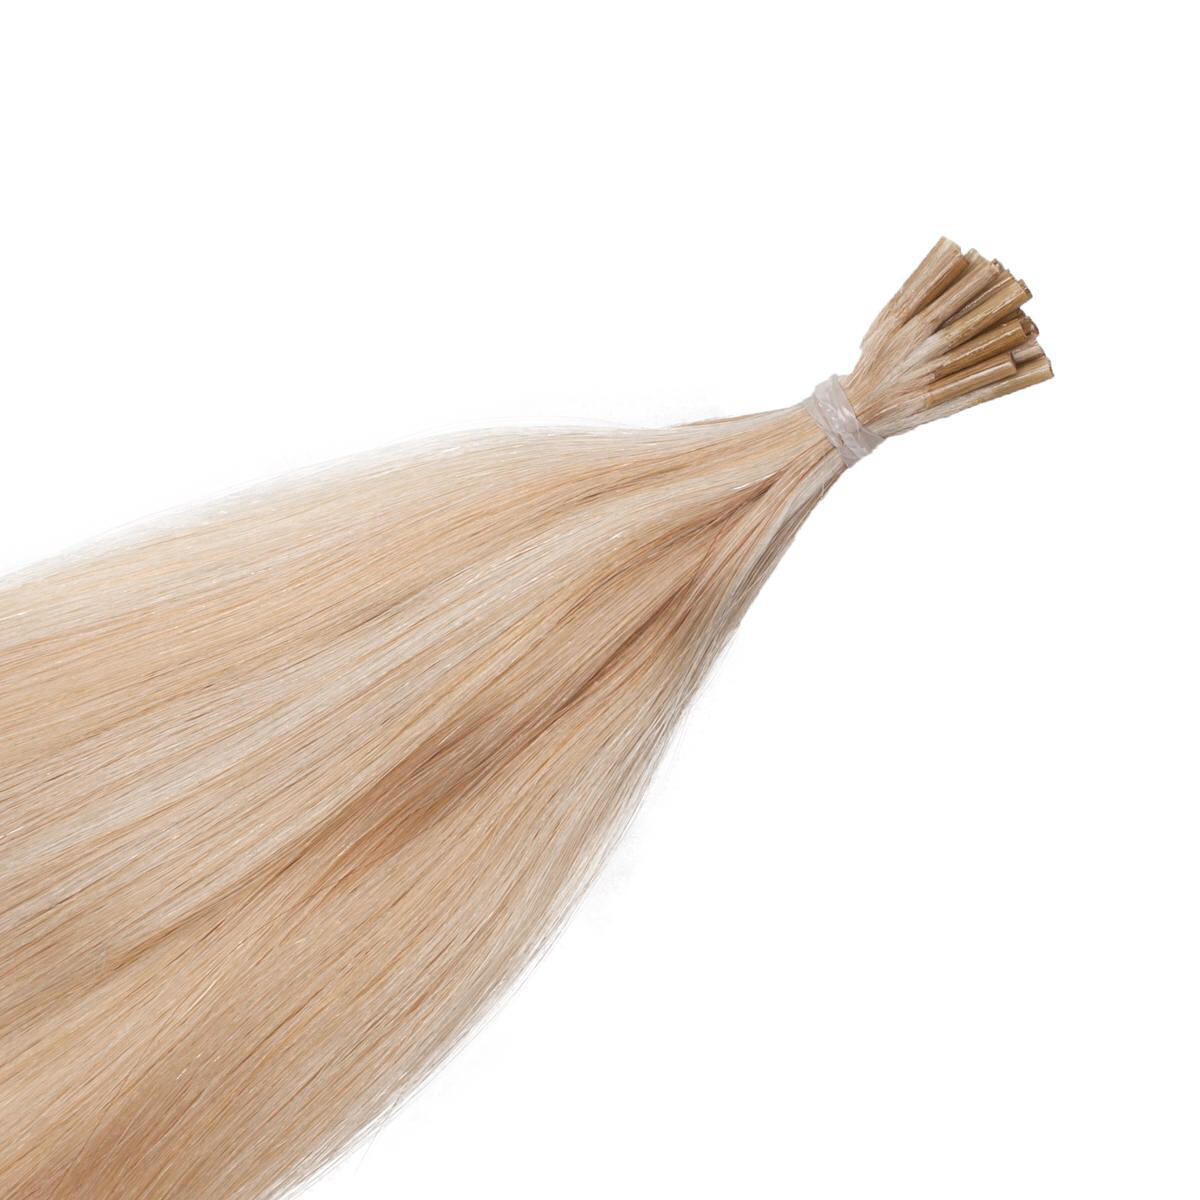 Stick Hair M7.5/10.8 Scandinavian Blonde 50 cm